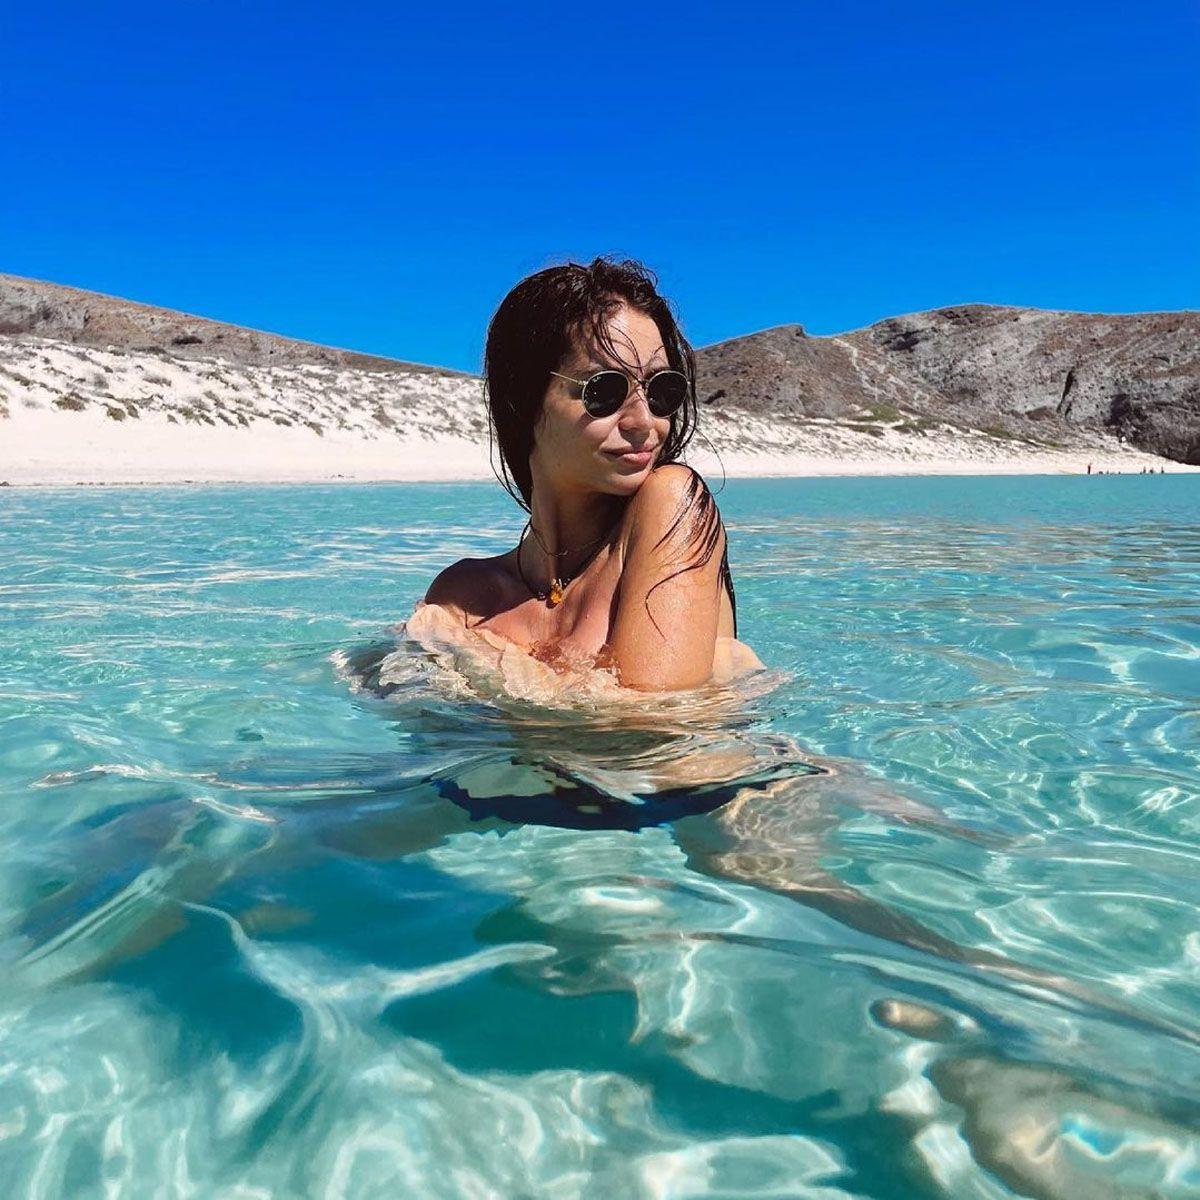 ¡Salvaje! Zaira Nara se bañó sin ropa interior en el mar